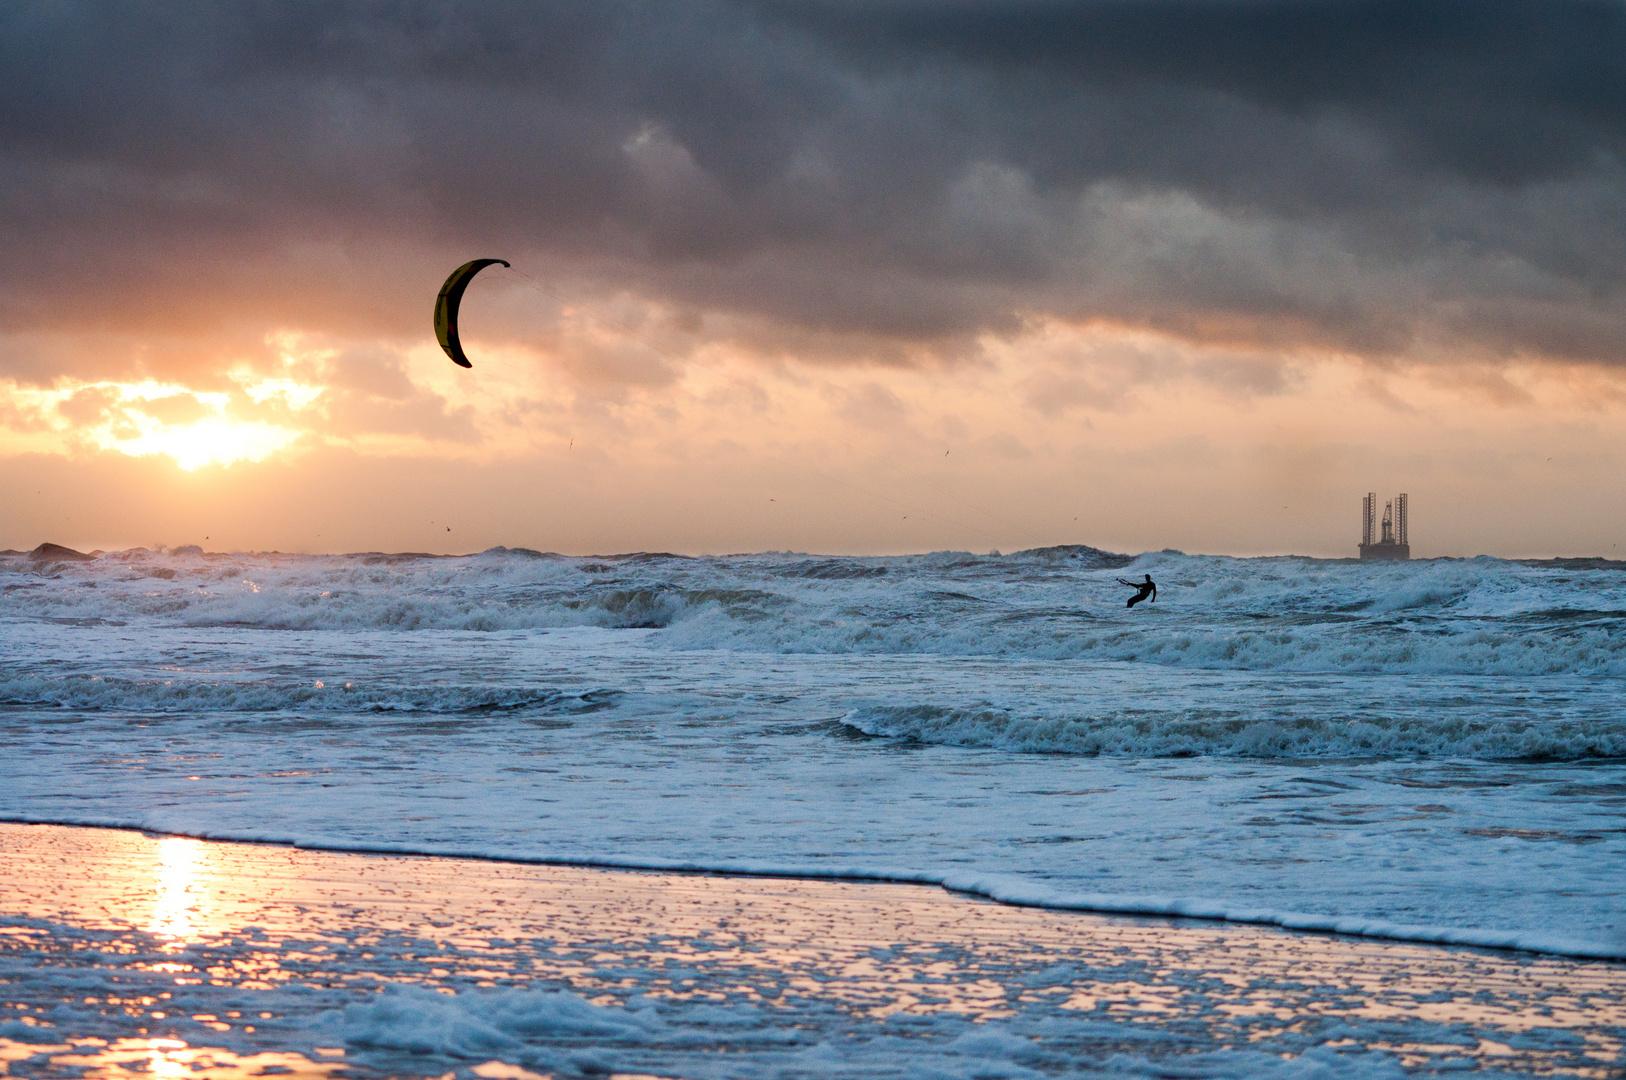 Sunsetsurfing!